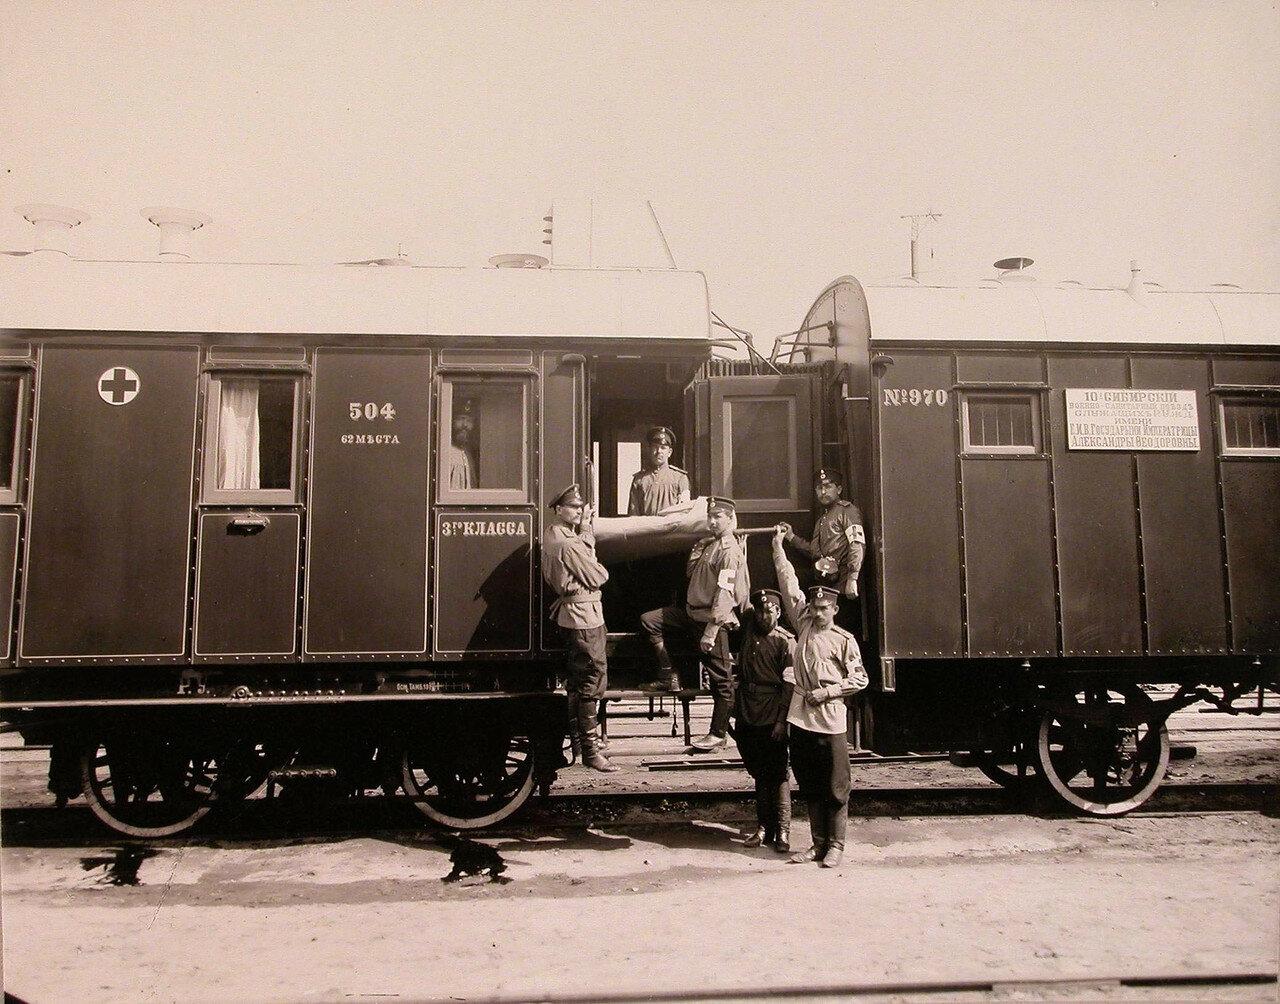 03. Группа санитаров поезда с носилками у специально оборудованной открытой для вноса тяжелораненых площадки